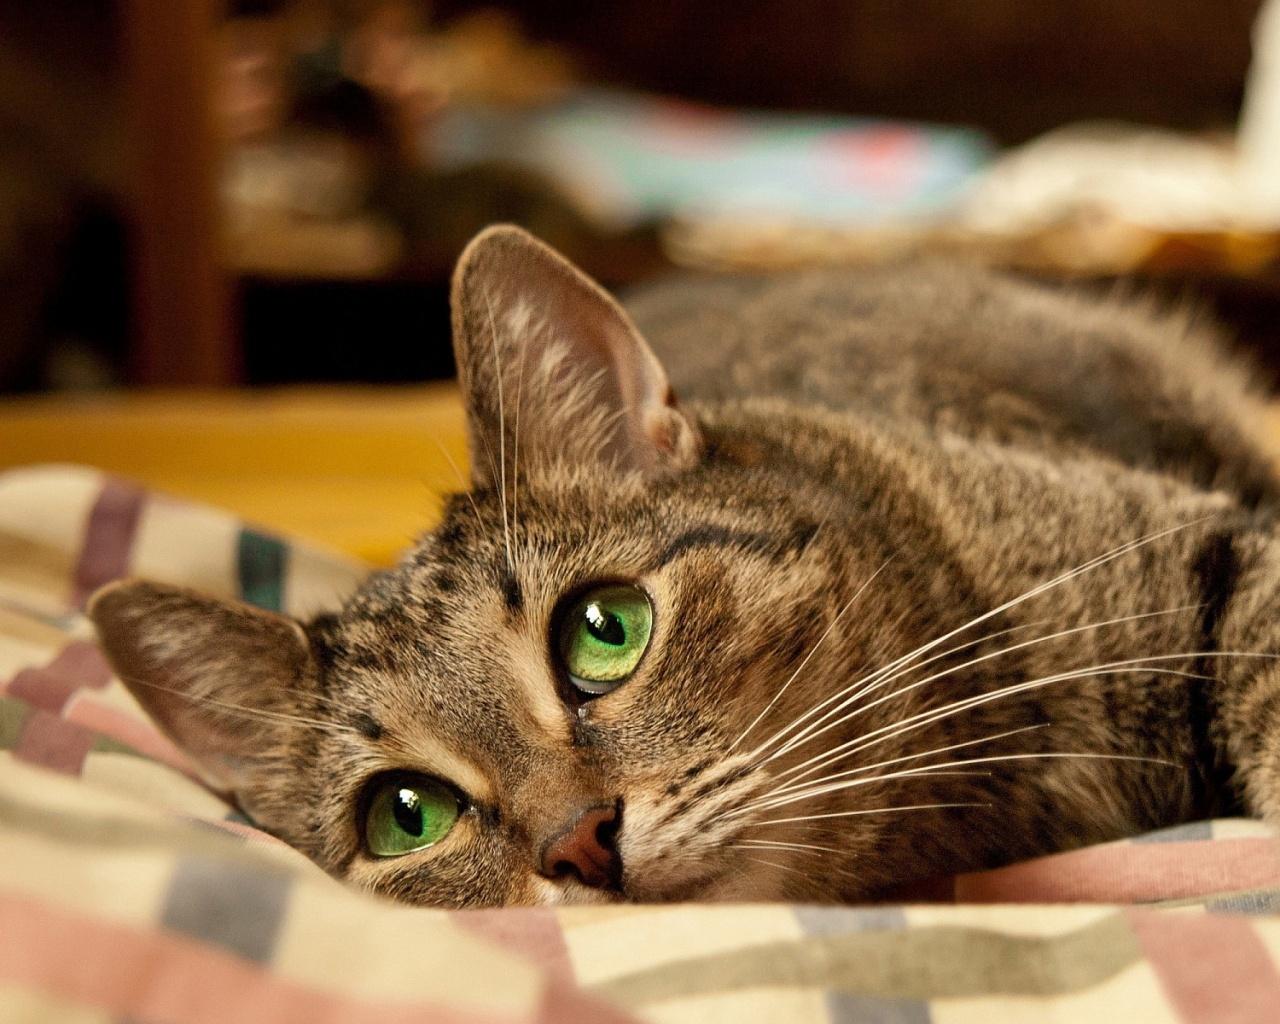 Cute cat green eyes